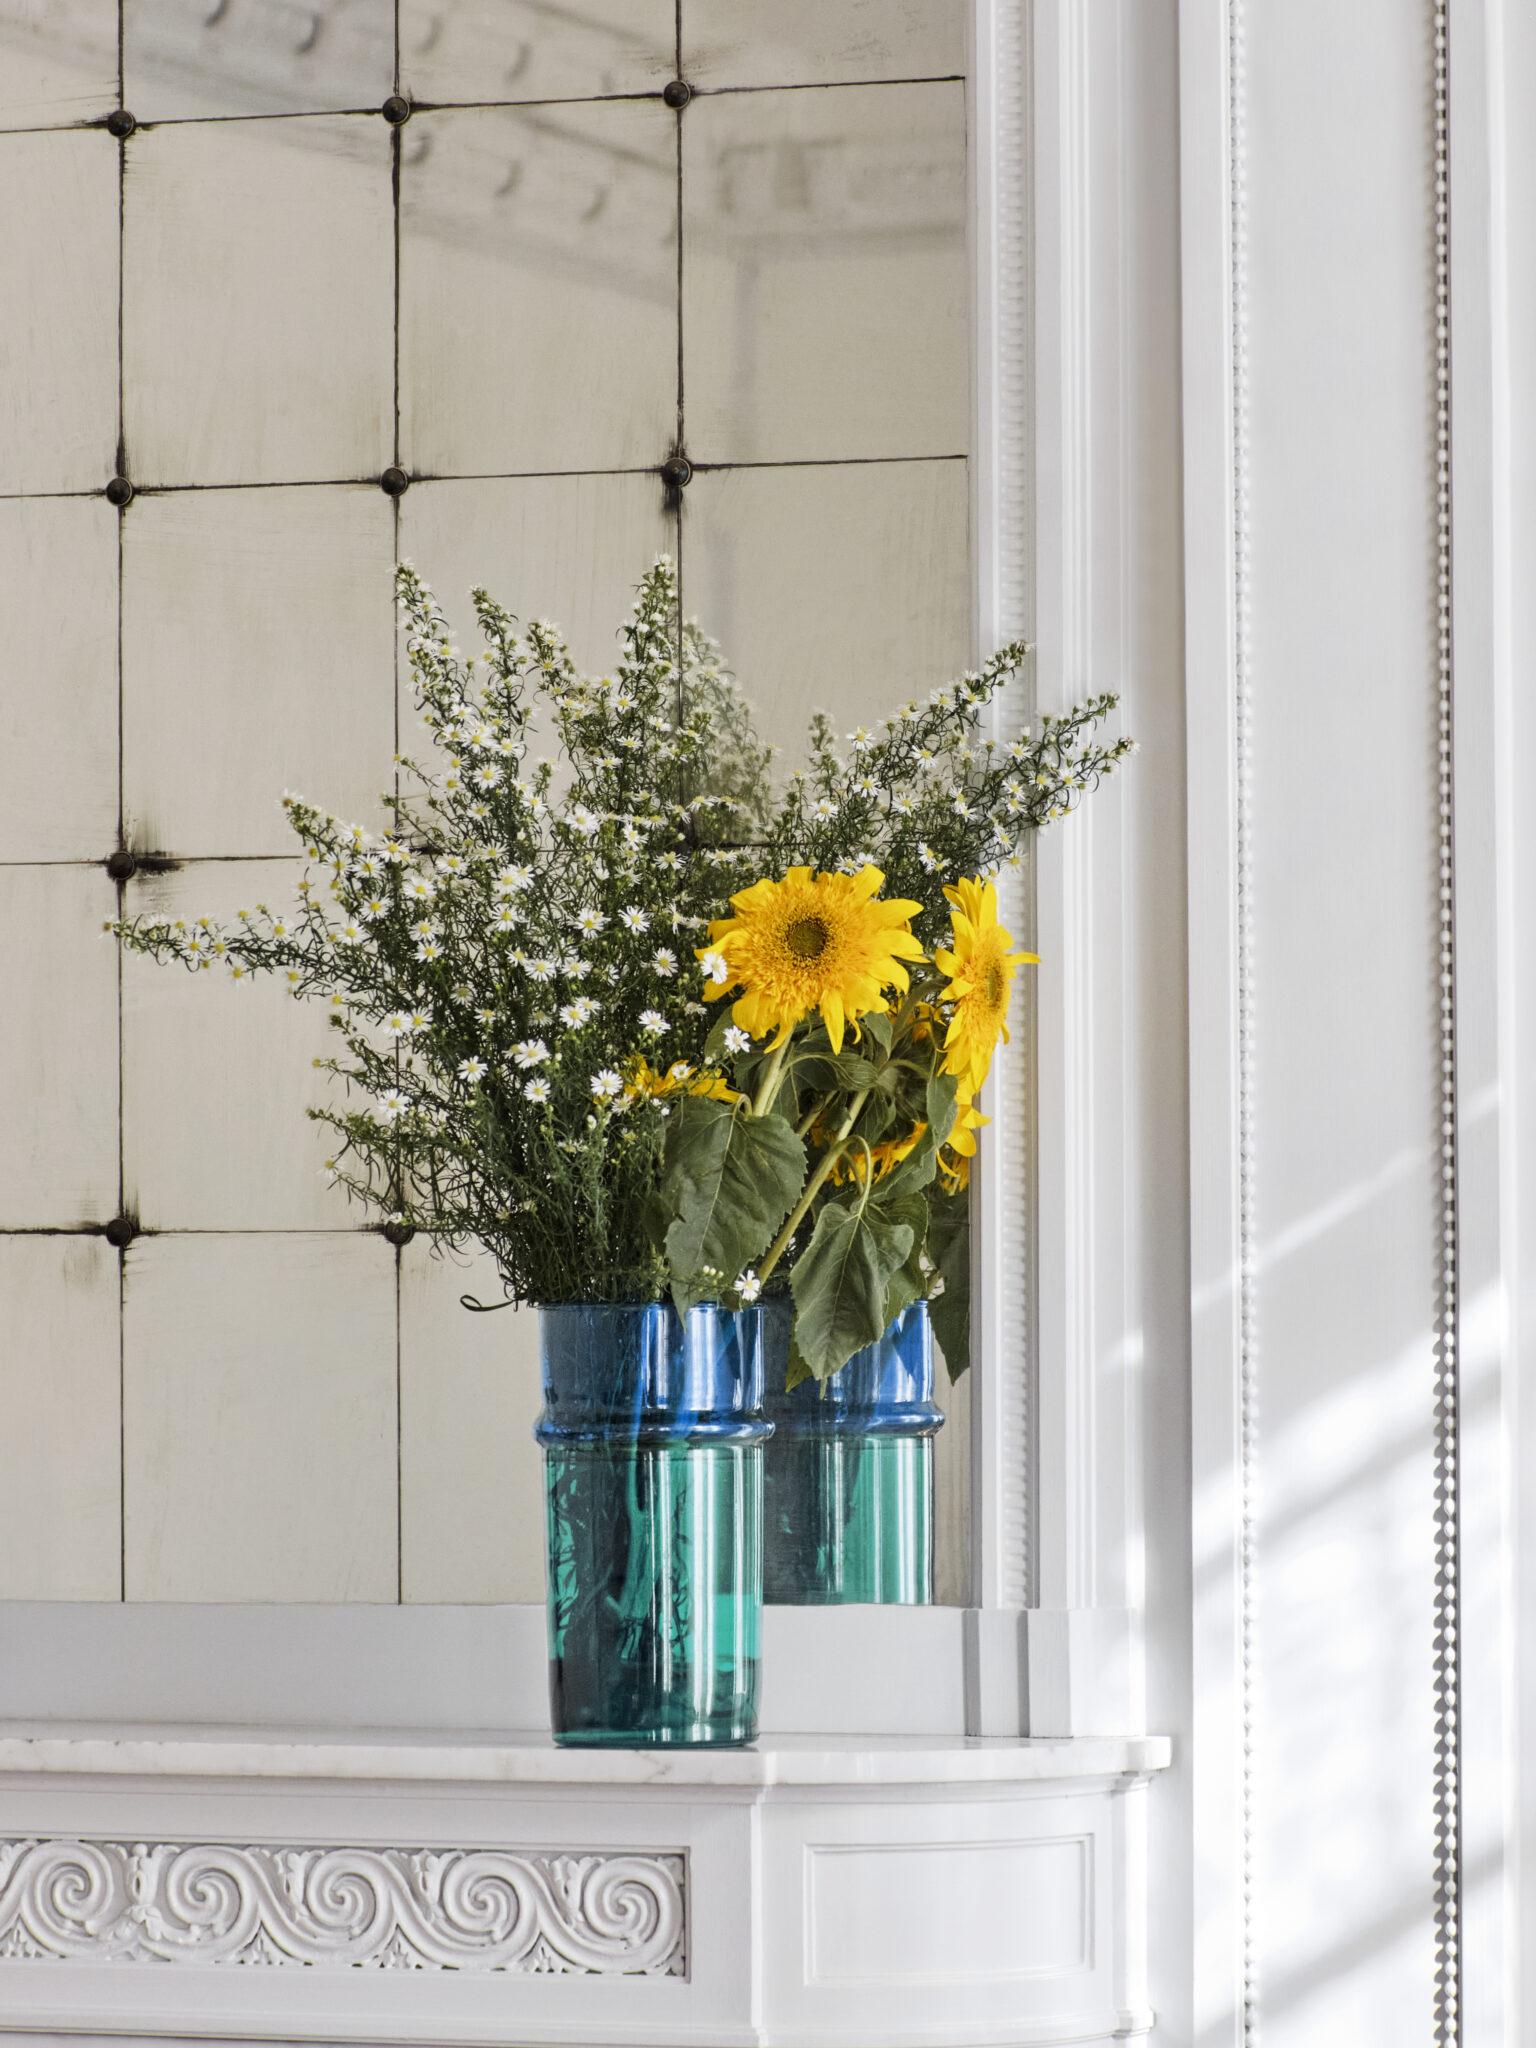 9 fine interiør-ting som gjør det litt hyggeligere hjemme.